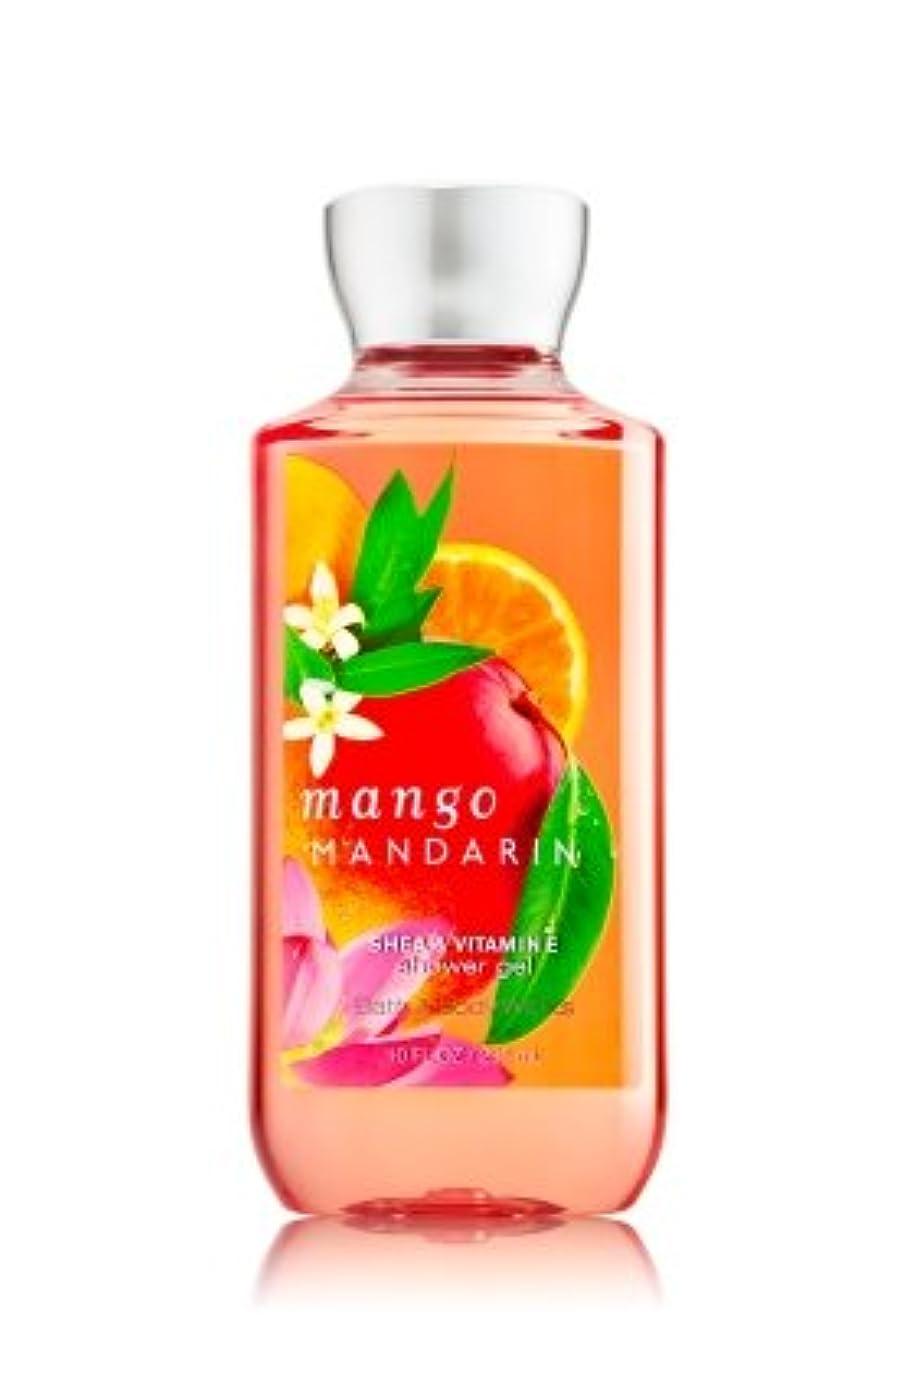 お世話になったバース記念品【Bath&Body Works/バス&ボディワークス】 シャワージェル マンゴーマンダリン Shower Gel Mango Mandarin 10 fl oz / 295 mL [並行輸入品]